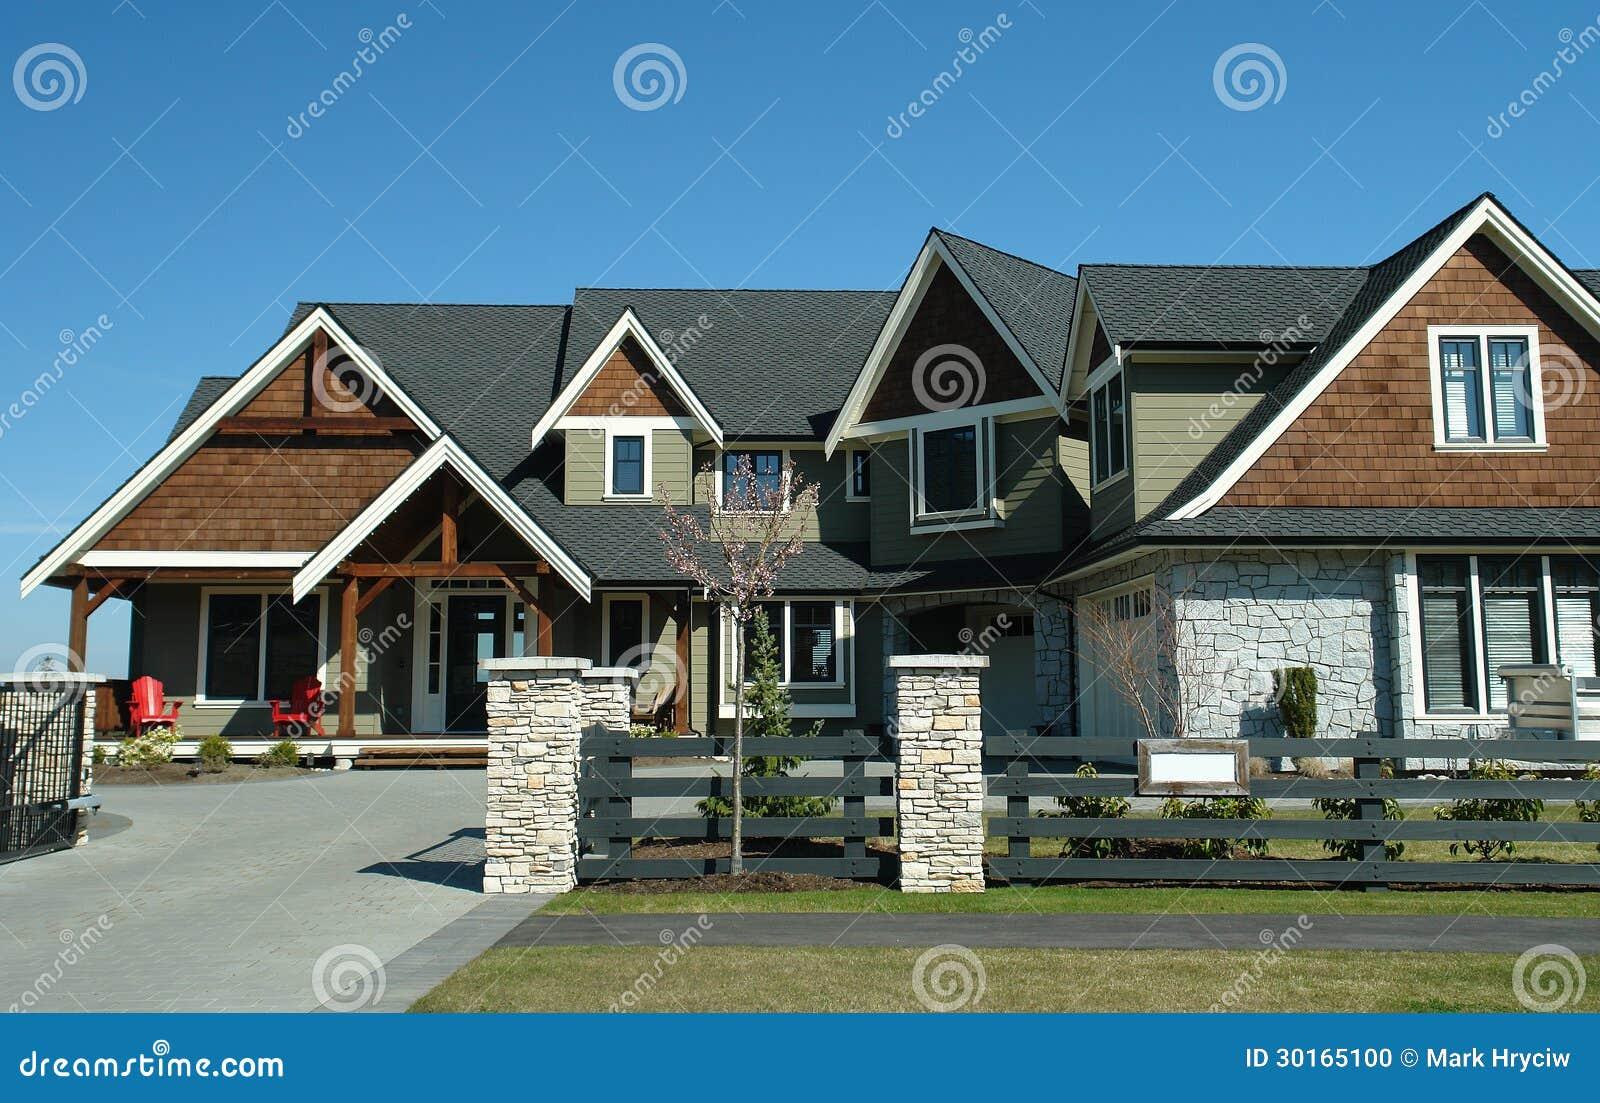 House Stock Photo Image 30165100